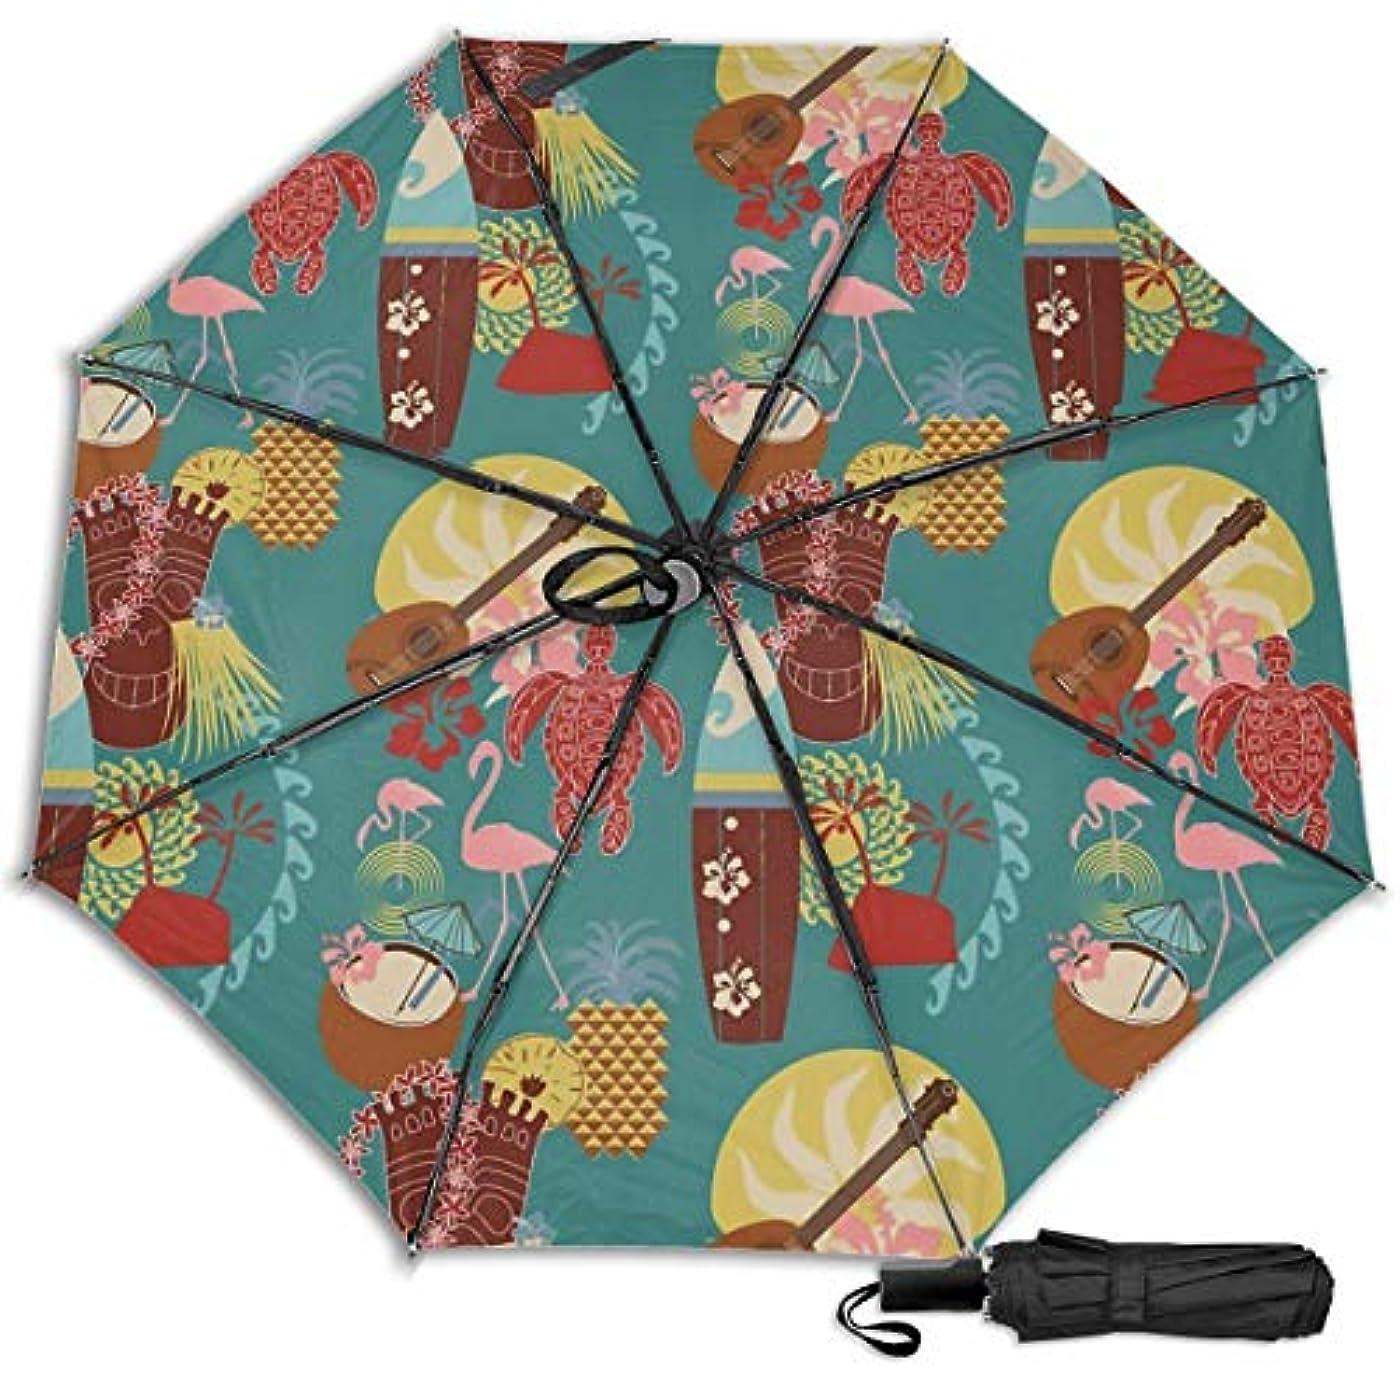 選挙起業家盆地ティキヒルトンハワイアンビレッジワイキキビーチ日傘 折りたたみ日傘 折り畳み日傘 超軽量 遮光率100% UVカット率99.9% UPF50+ 紫外線対策 遮熱効果 晴雨兼用 携帯便利 耐風撥水 手動 男女兼用